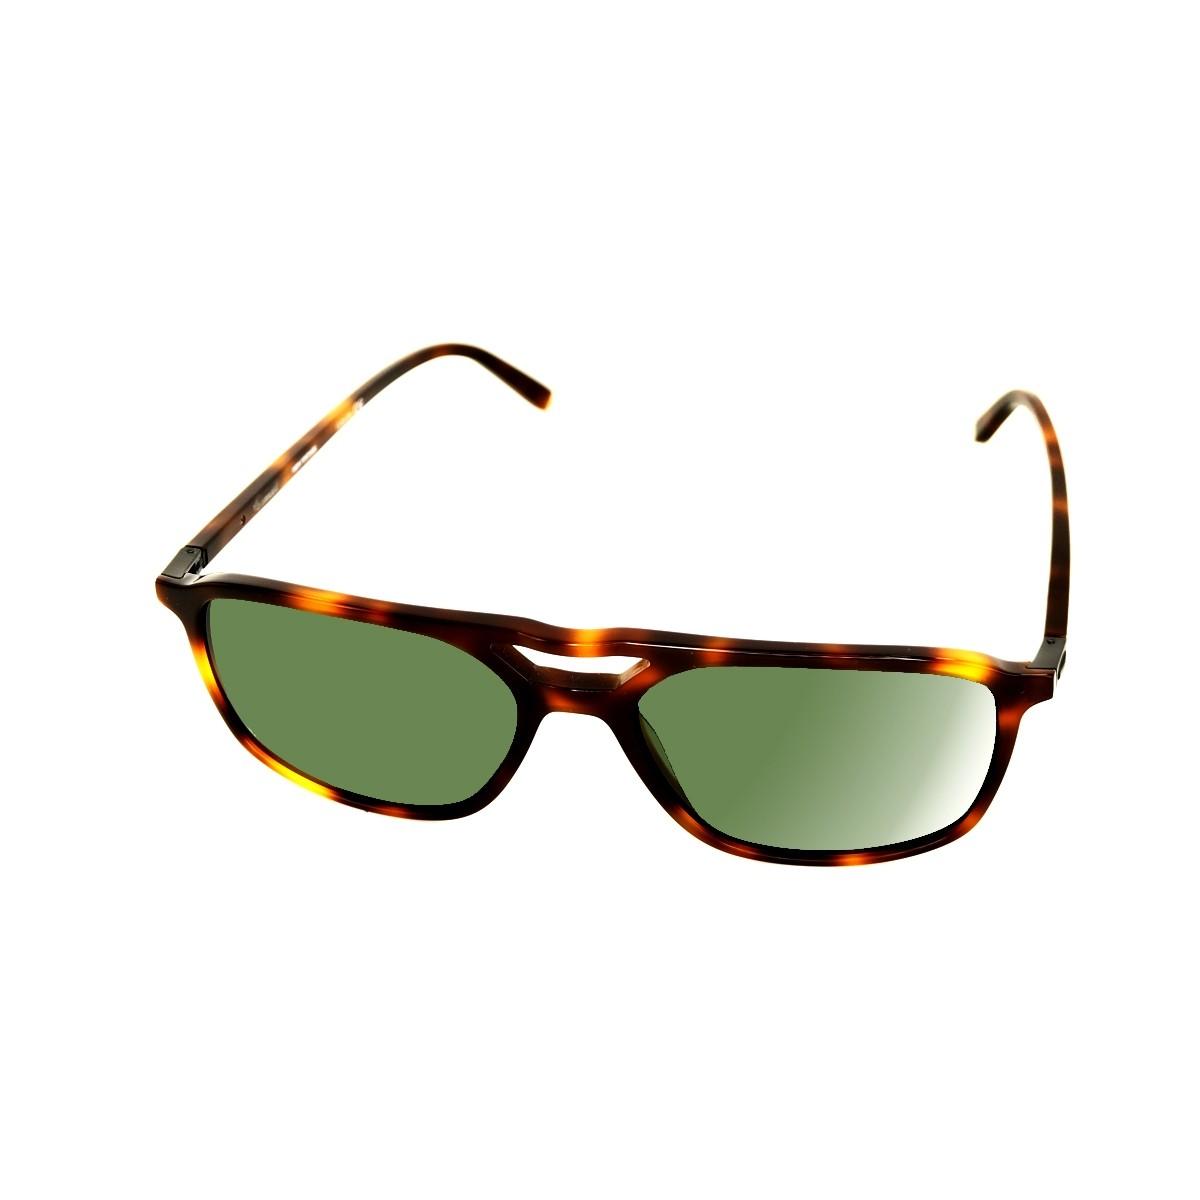 Faconnable 1195 E100, 156,00€, Occhiali Faconnable Marrone a forma Rettangolare